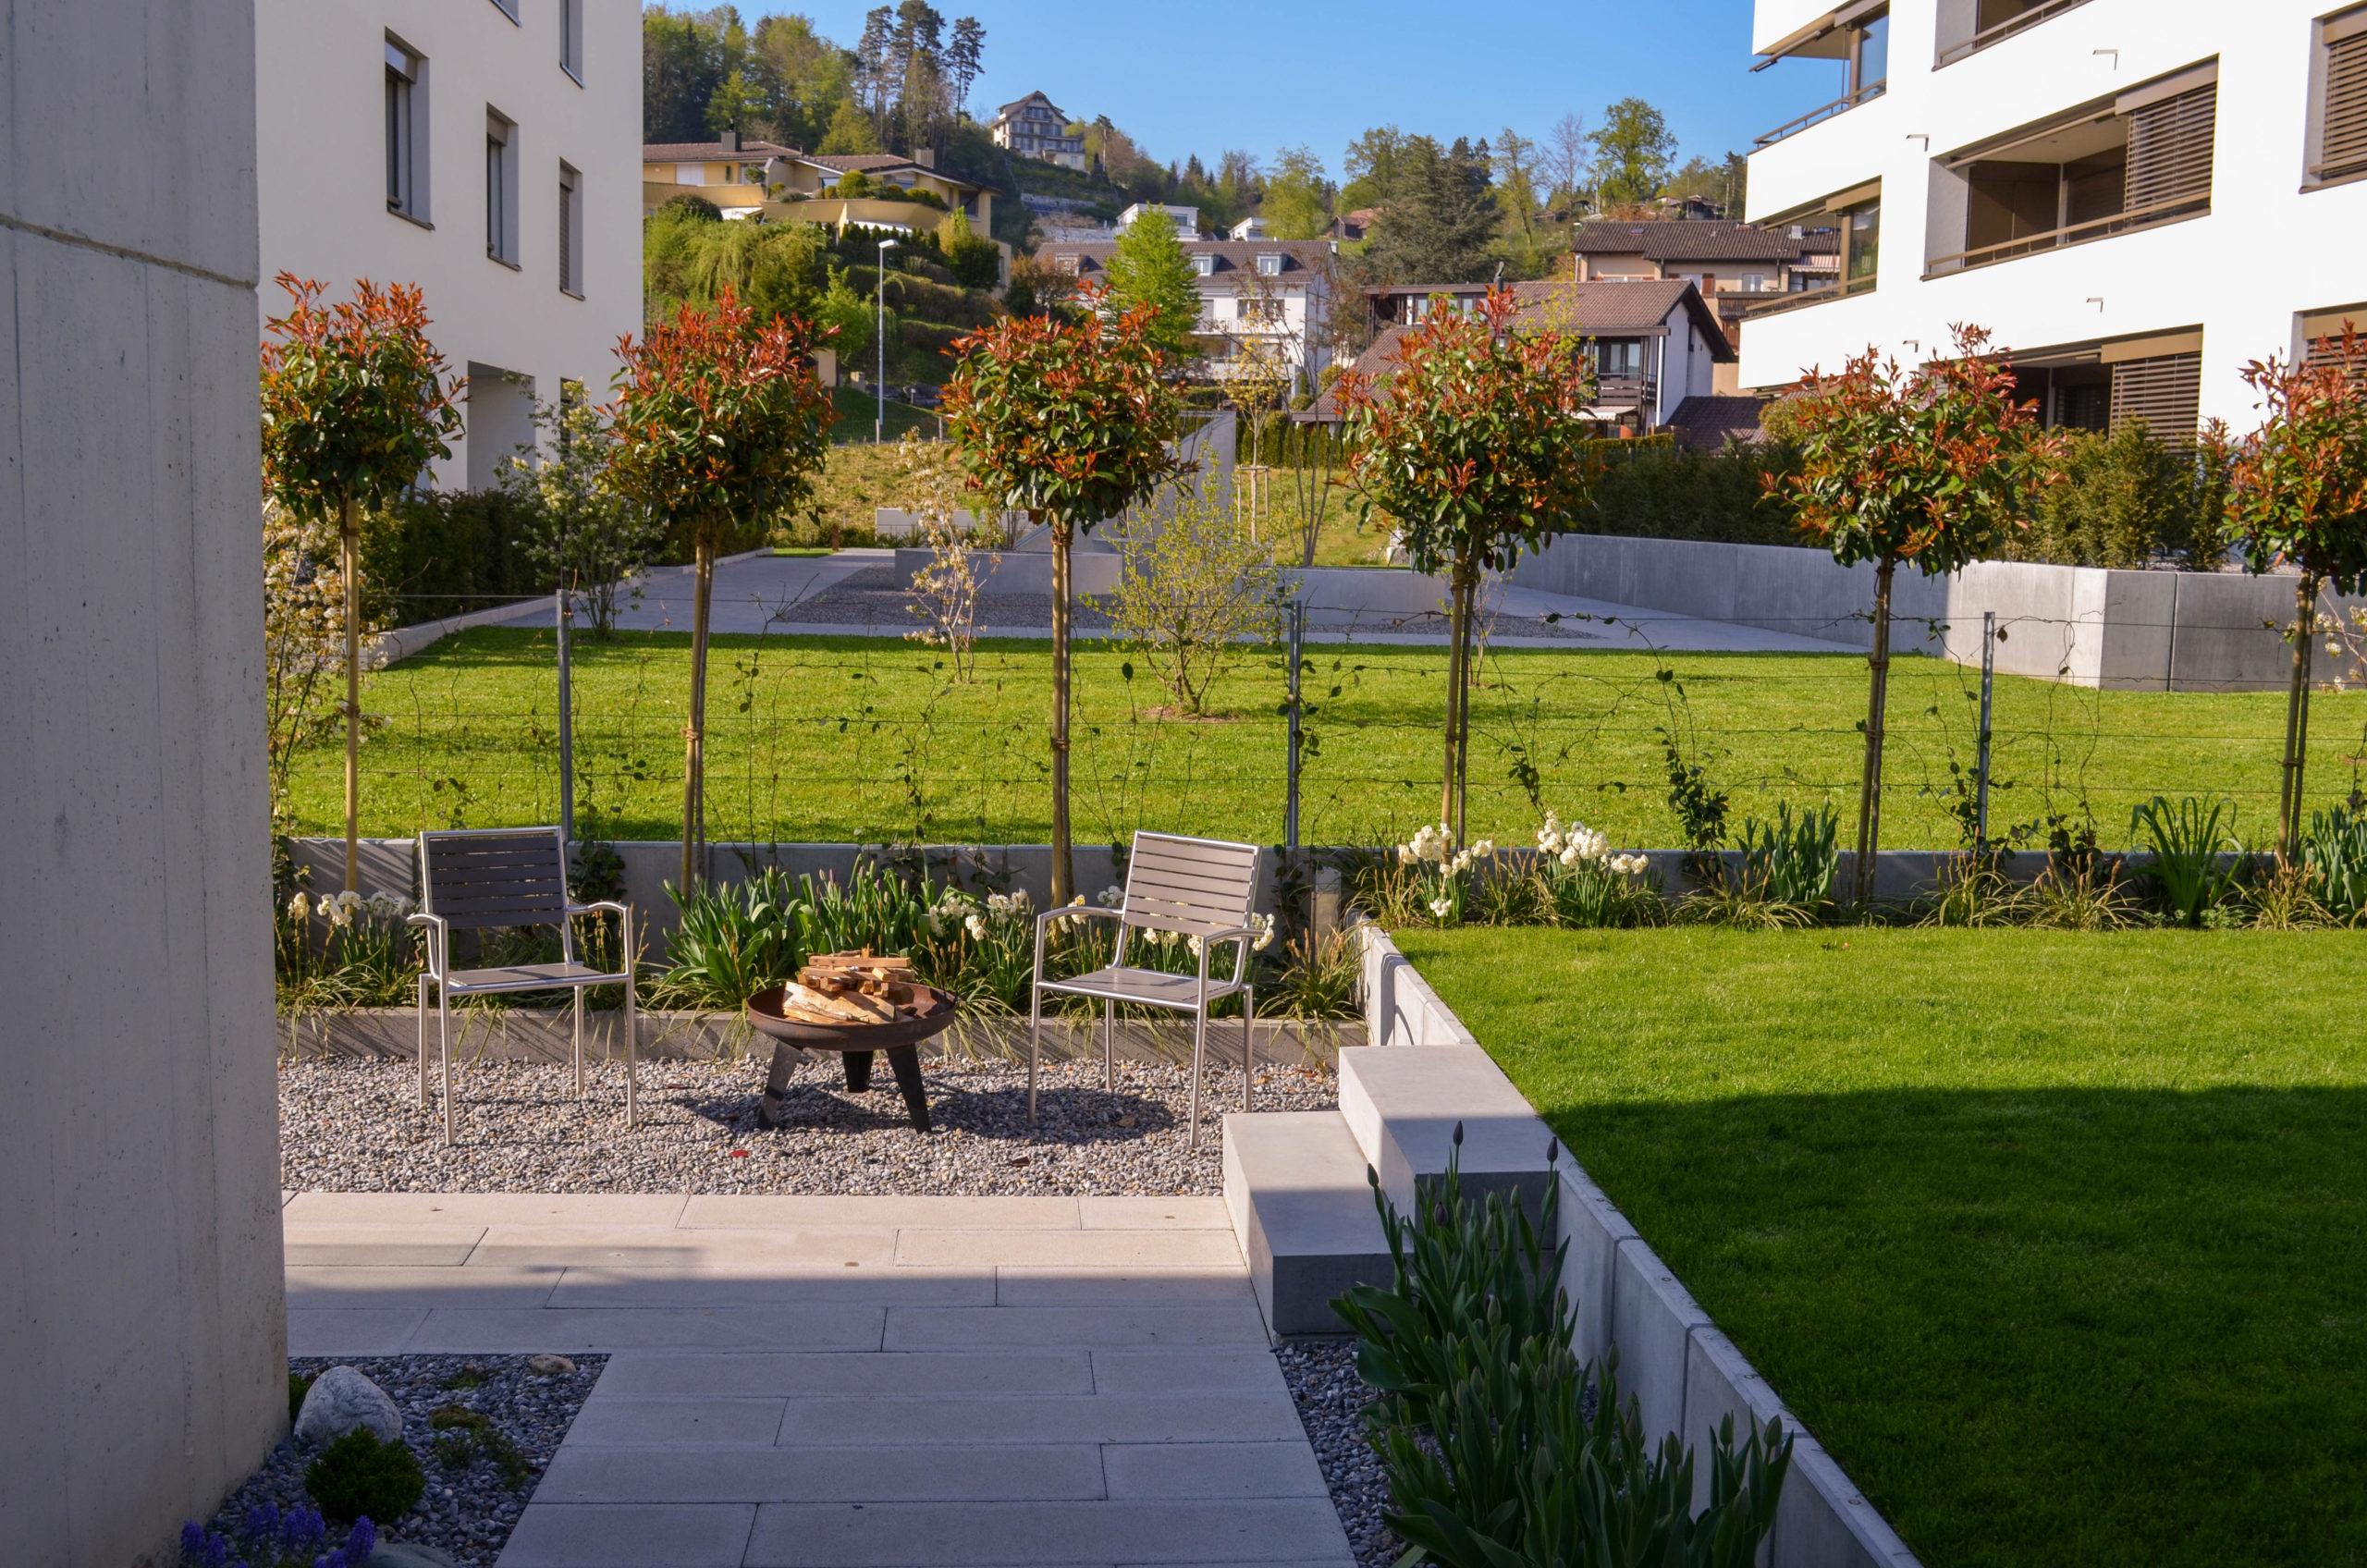 Reihenhausgarten Meggen 05